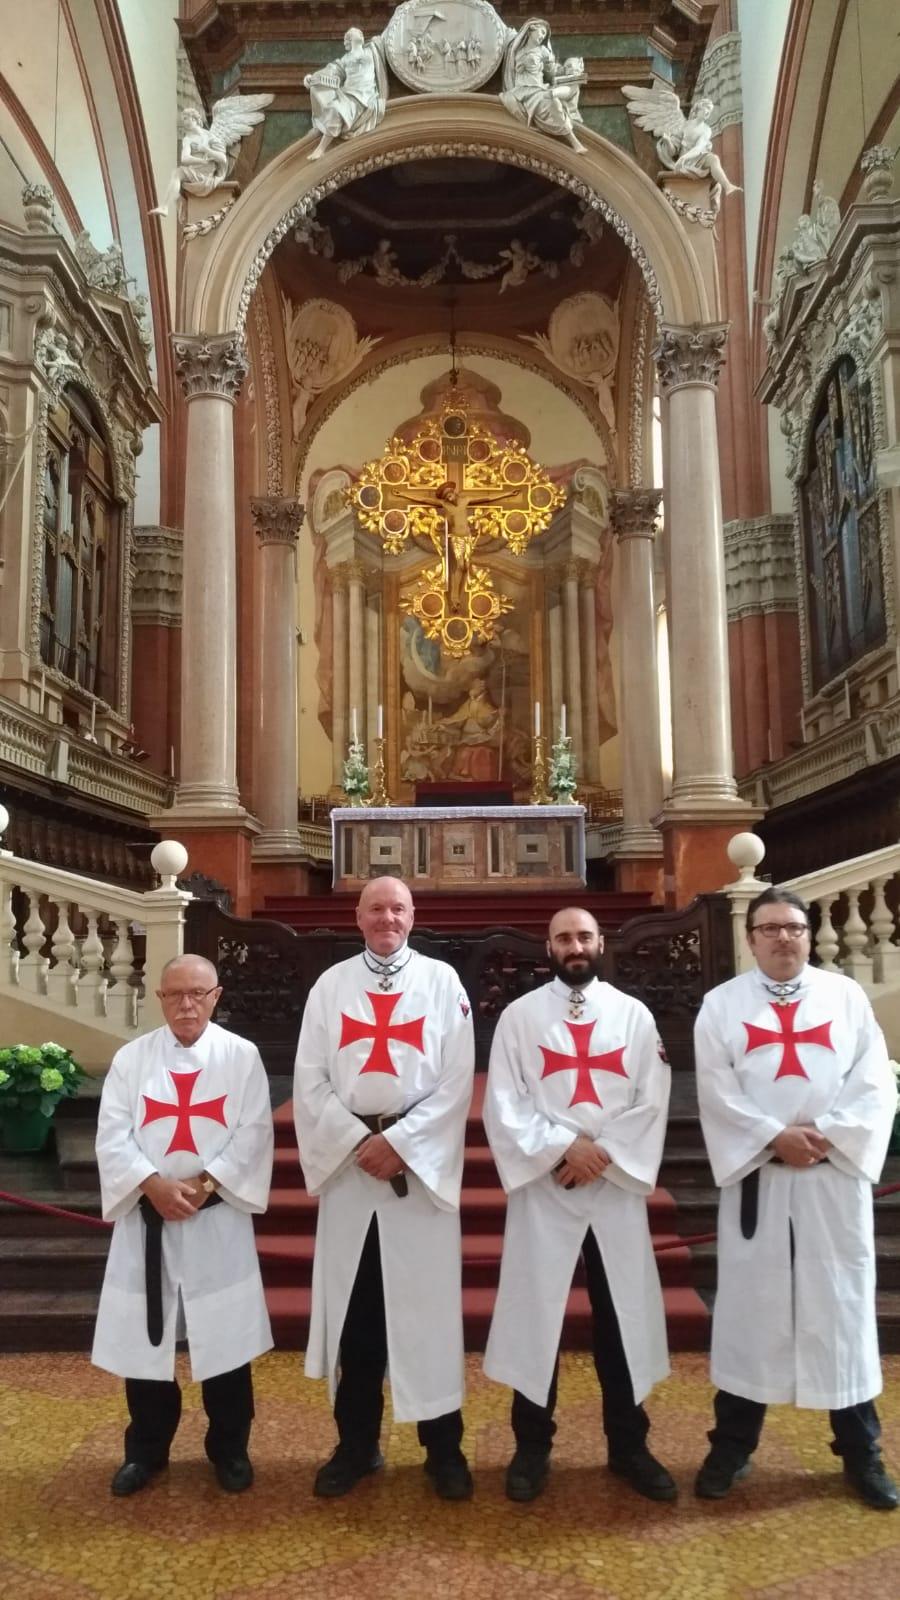 Custodia della Basilica di San Petronio a Bologna – 02 e 03 Giu 2018